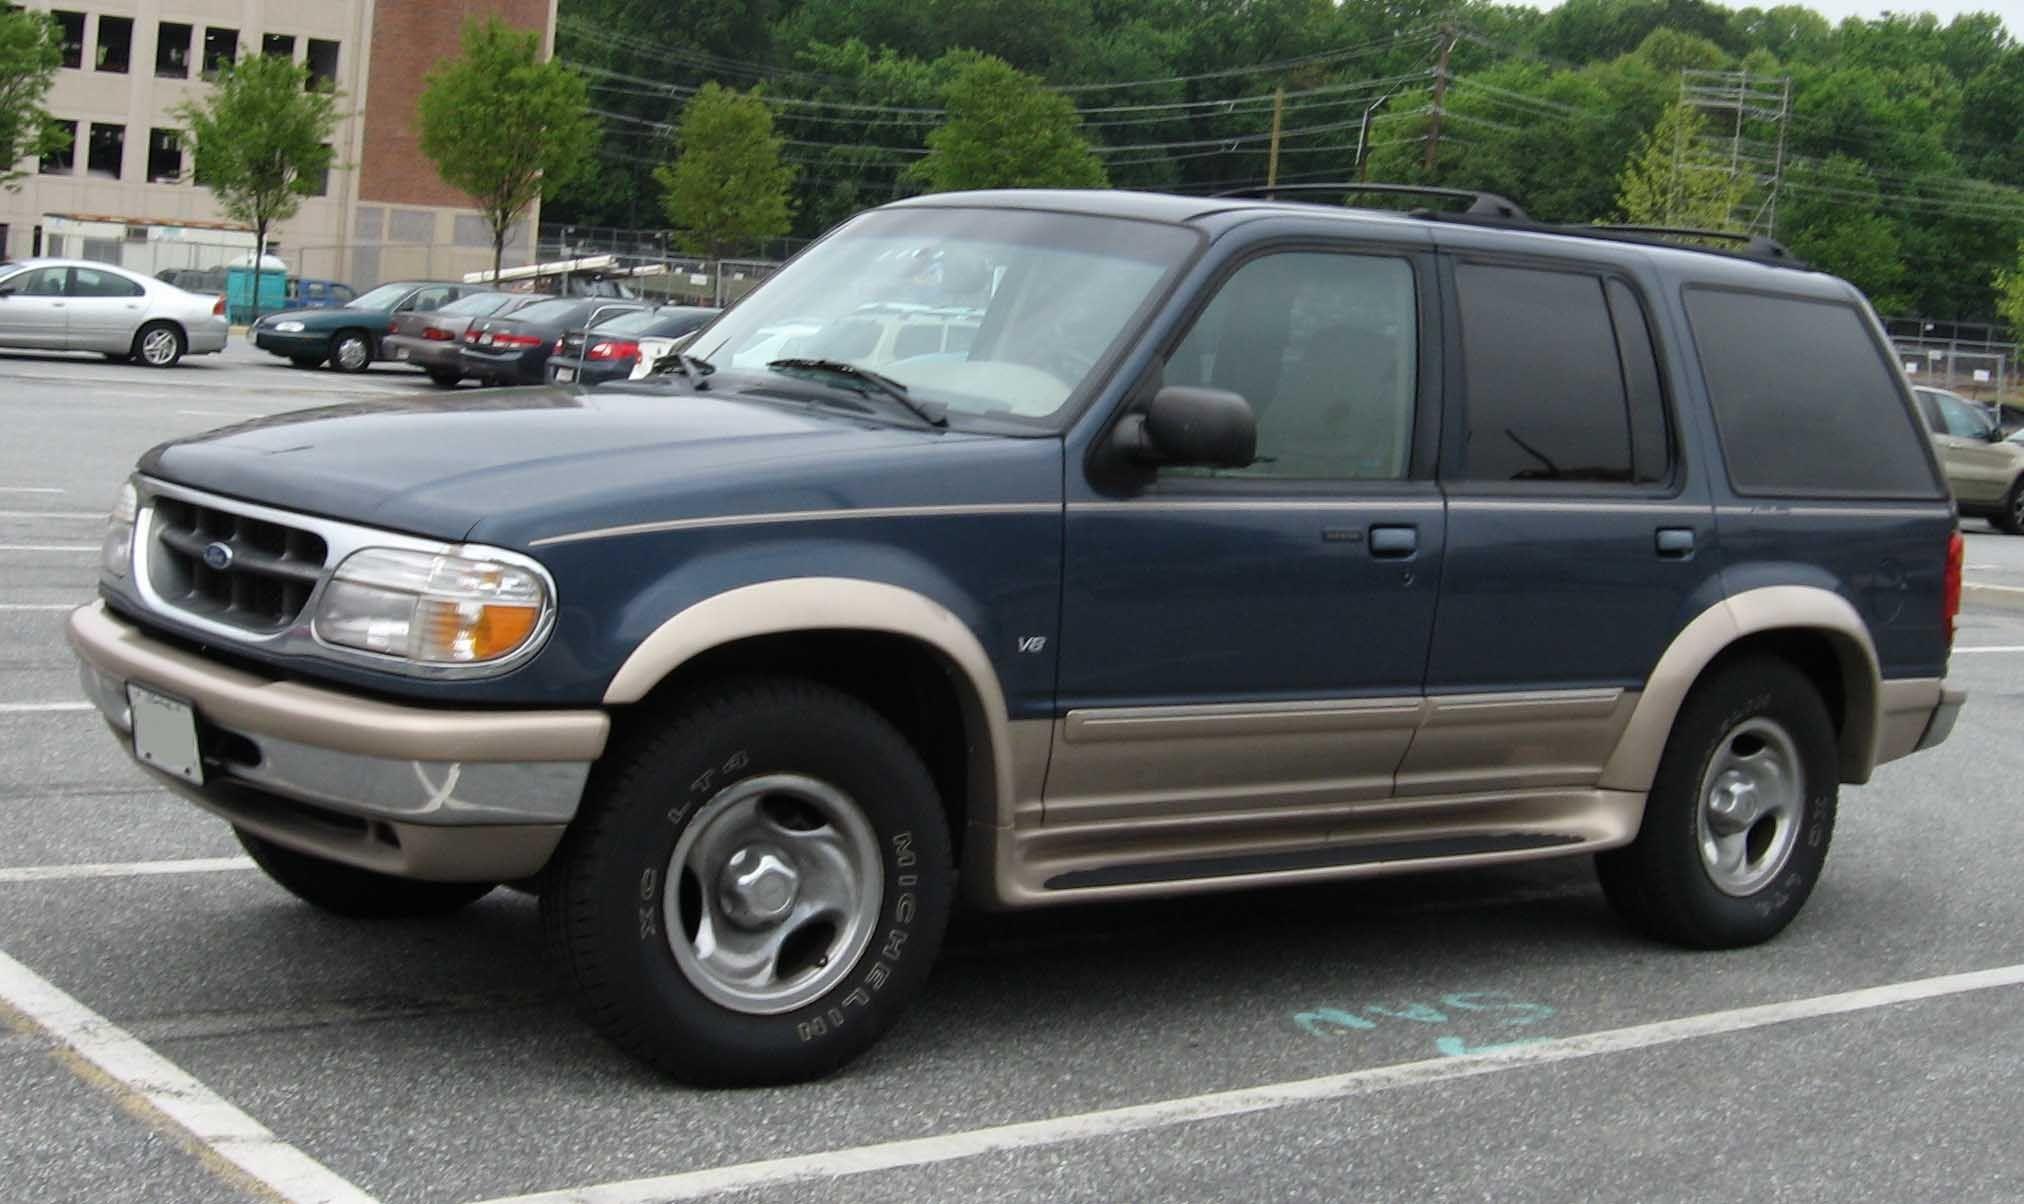 2001 Ford Explorer (Dengan gambar)